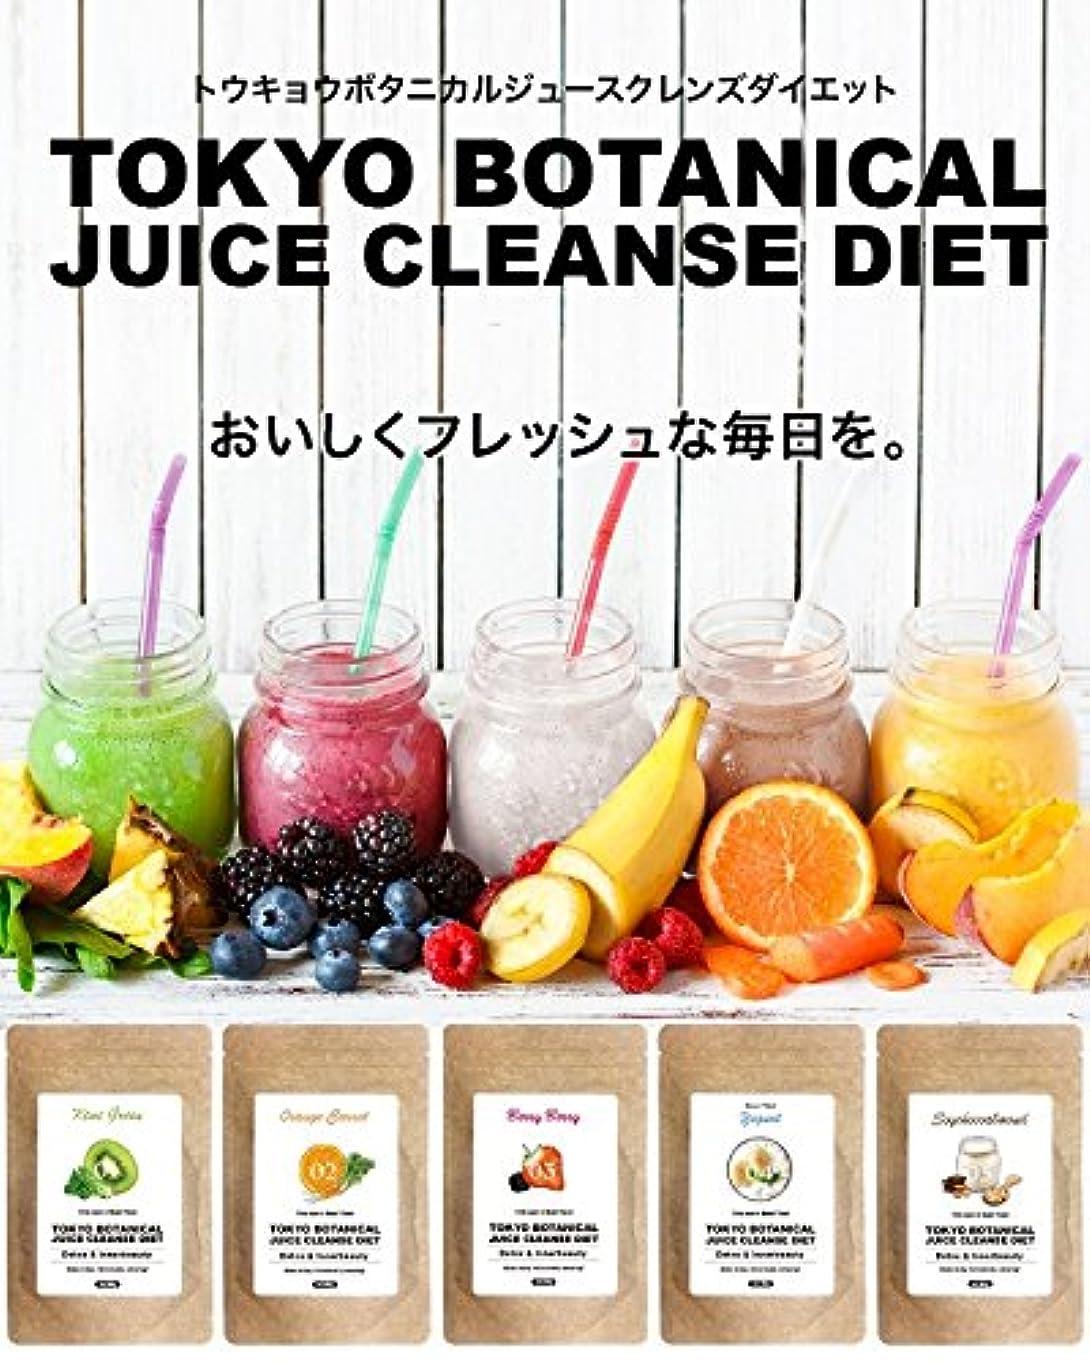 東京ボタニカルジュースクレンズダイエット  オレンジキャロット&ヨーグルトセット